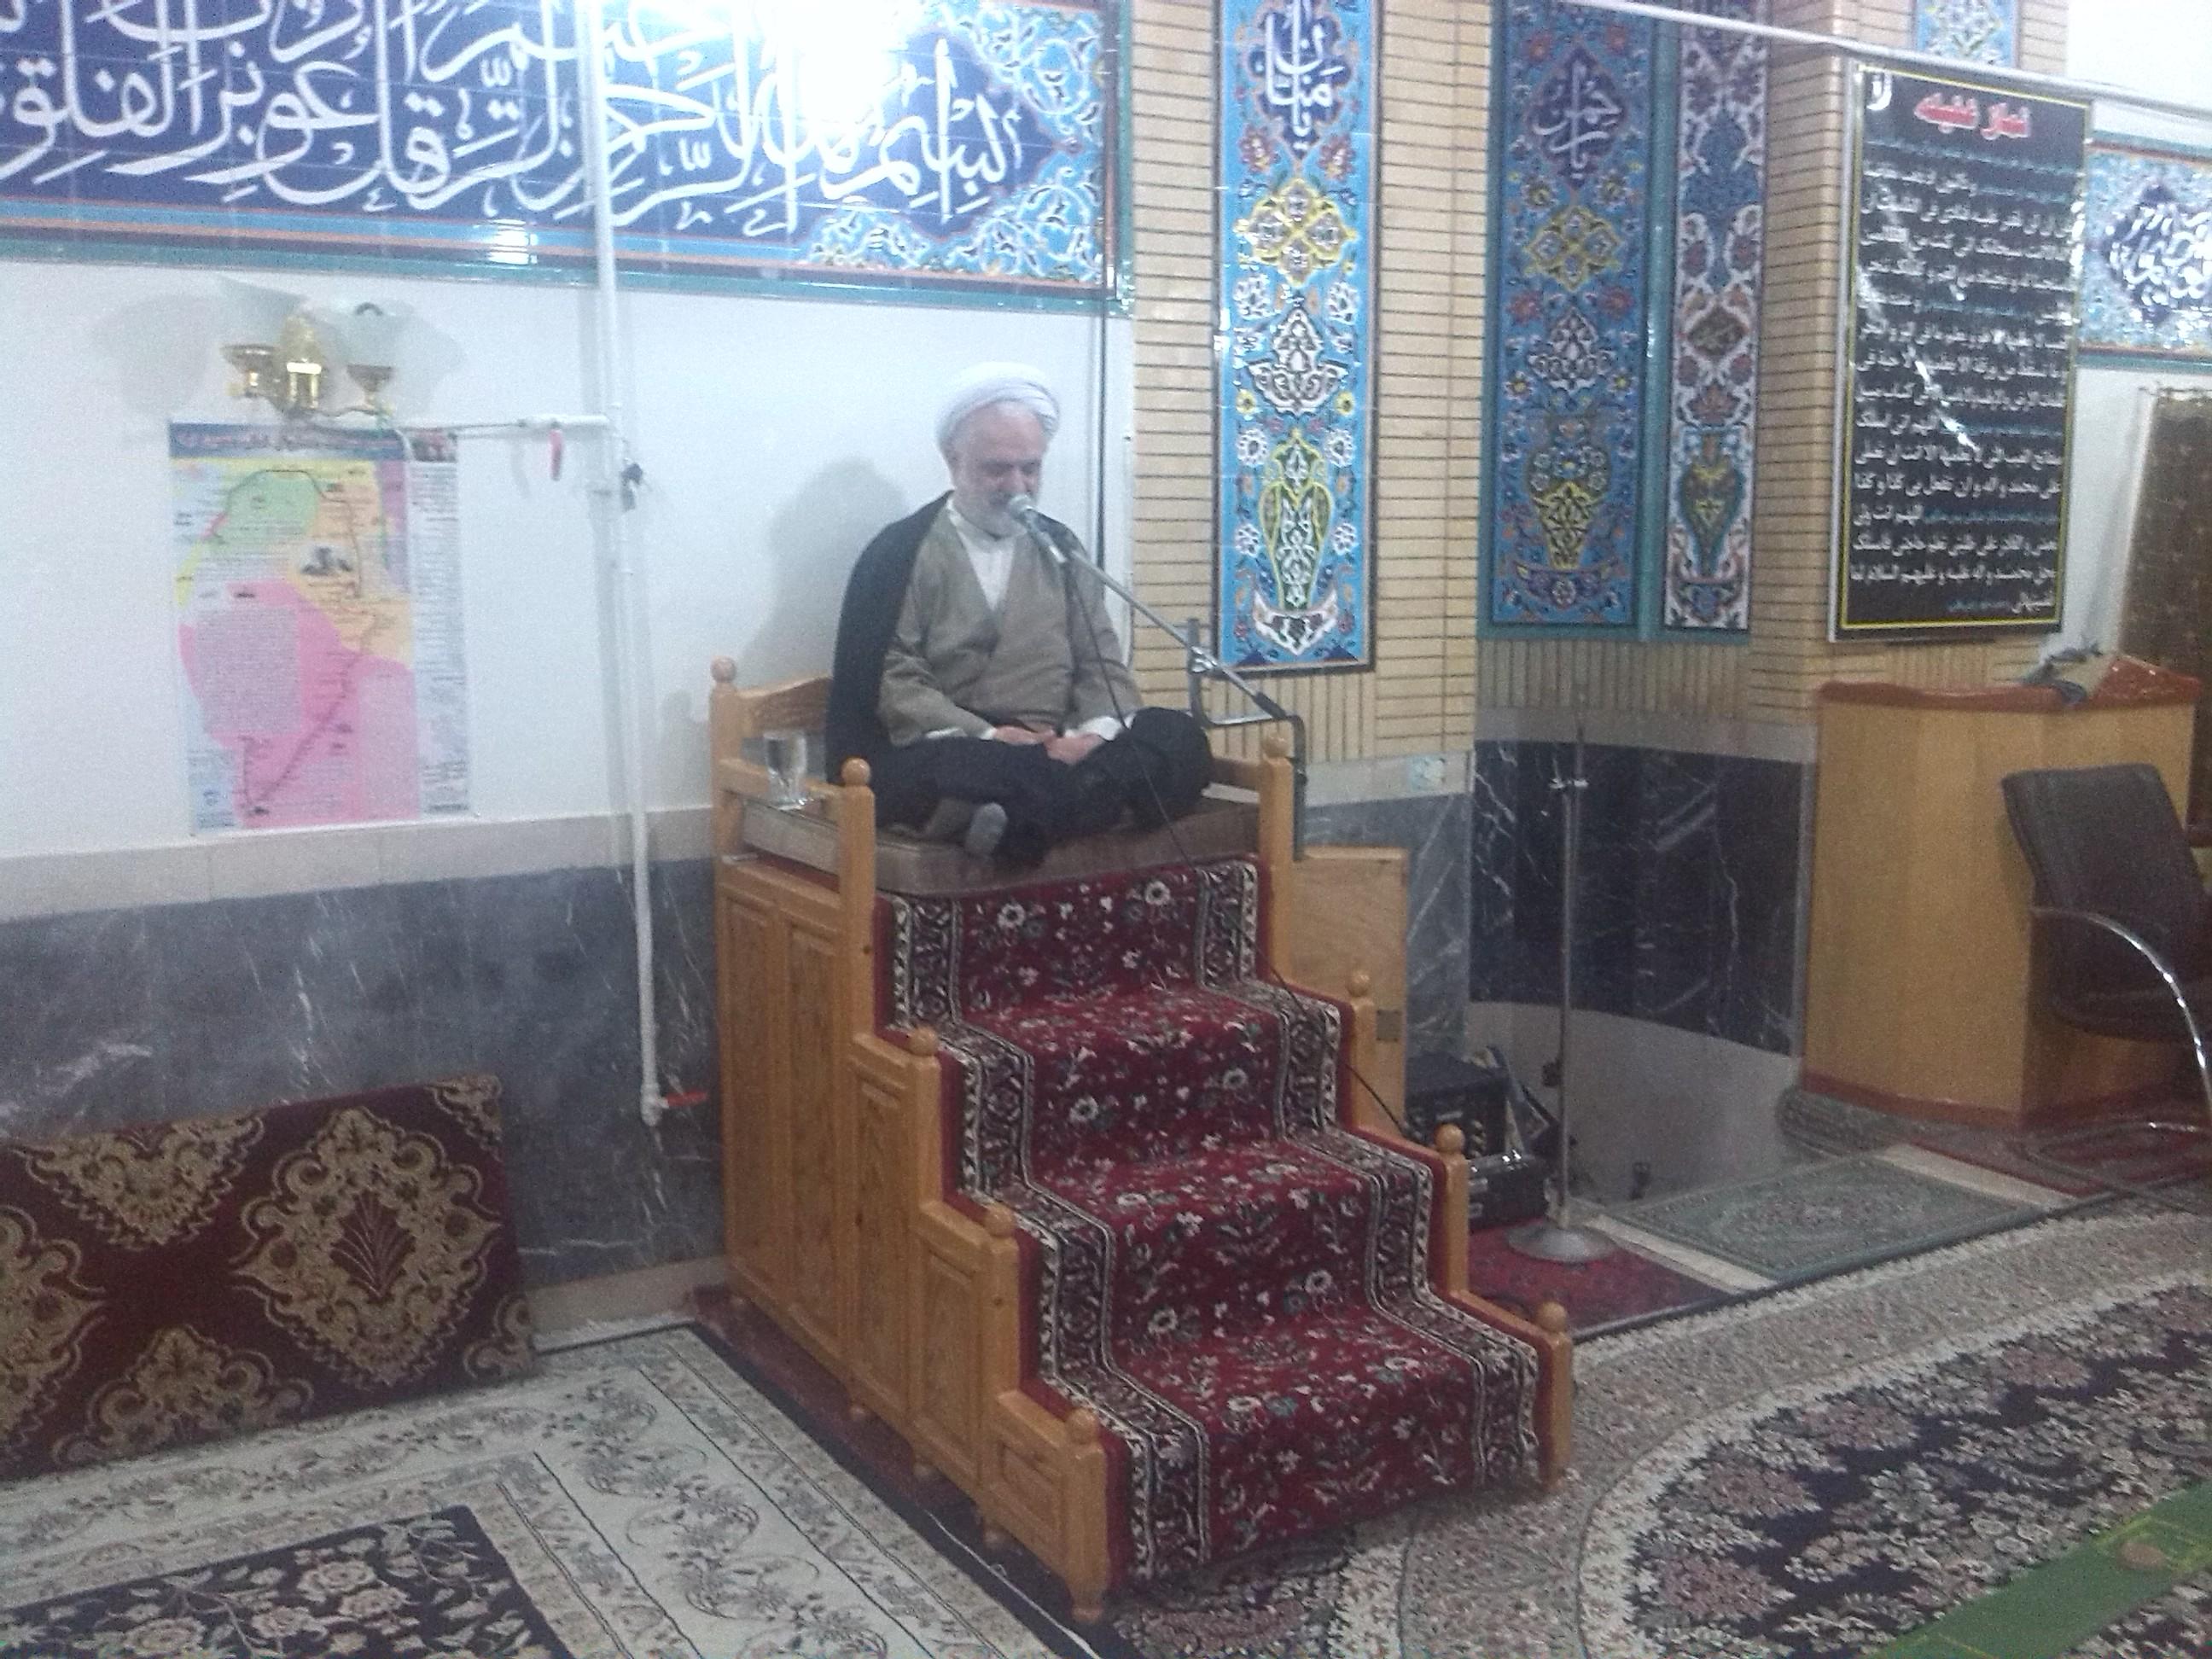 سخنرانی حاج آقا عبدالحمید عبدالاحد در جمع بسیجیان